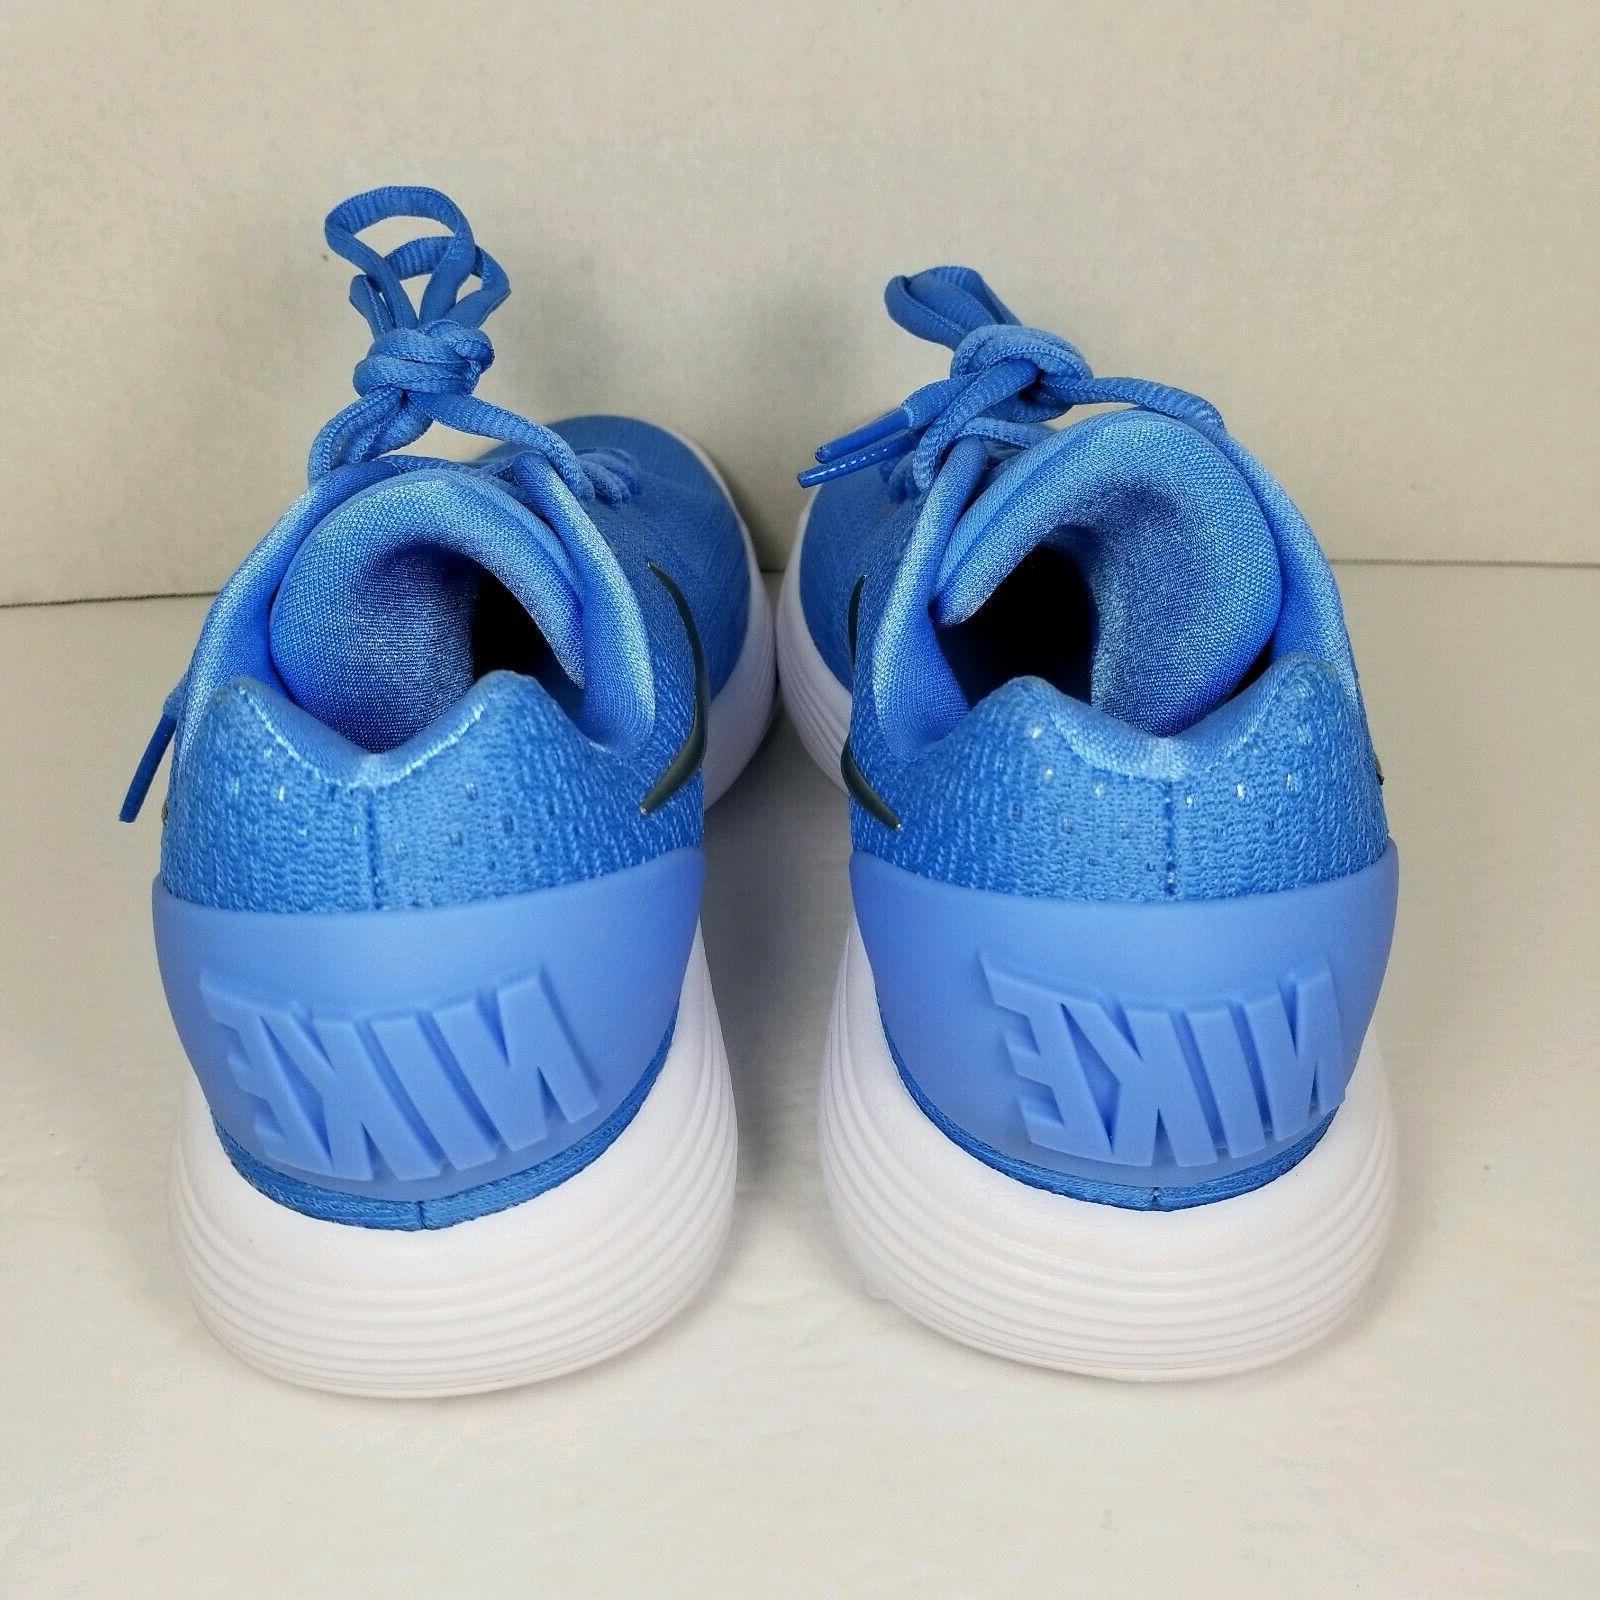 Nike Hyperdunk Blue White Men's Shoes 942774-406 - Size 14